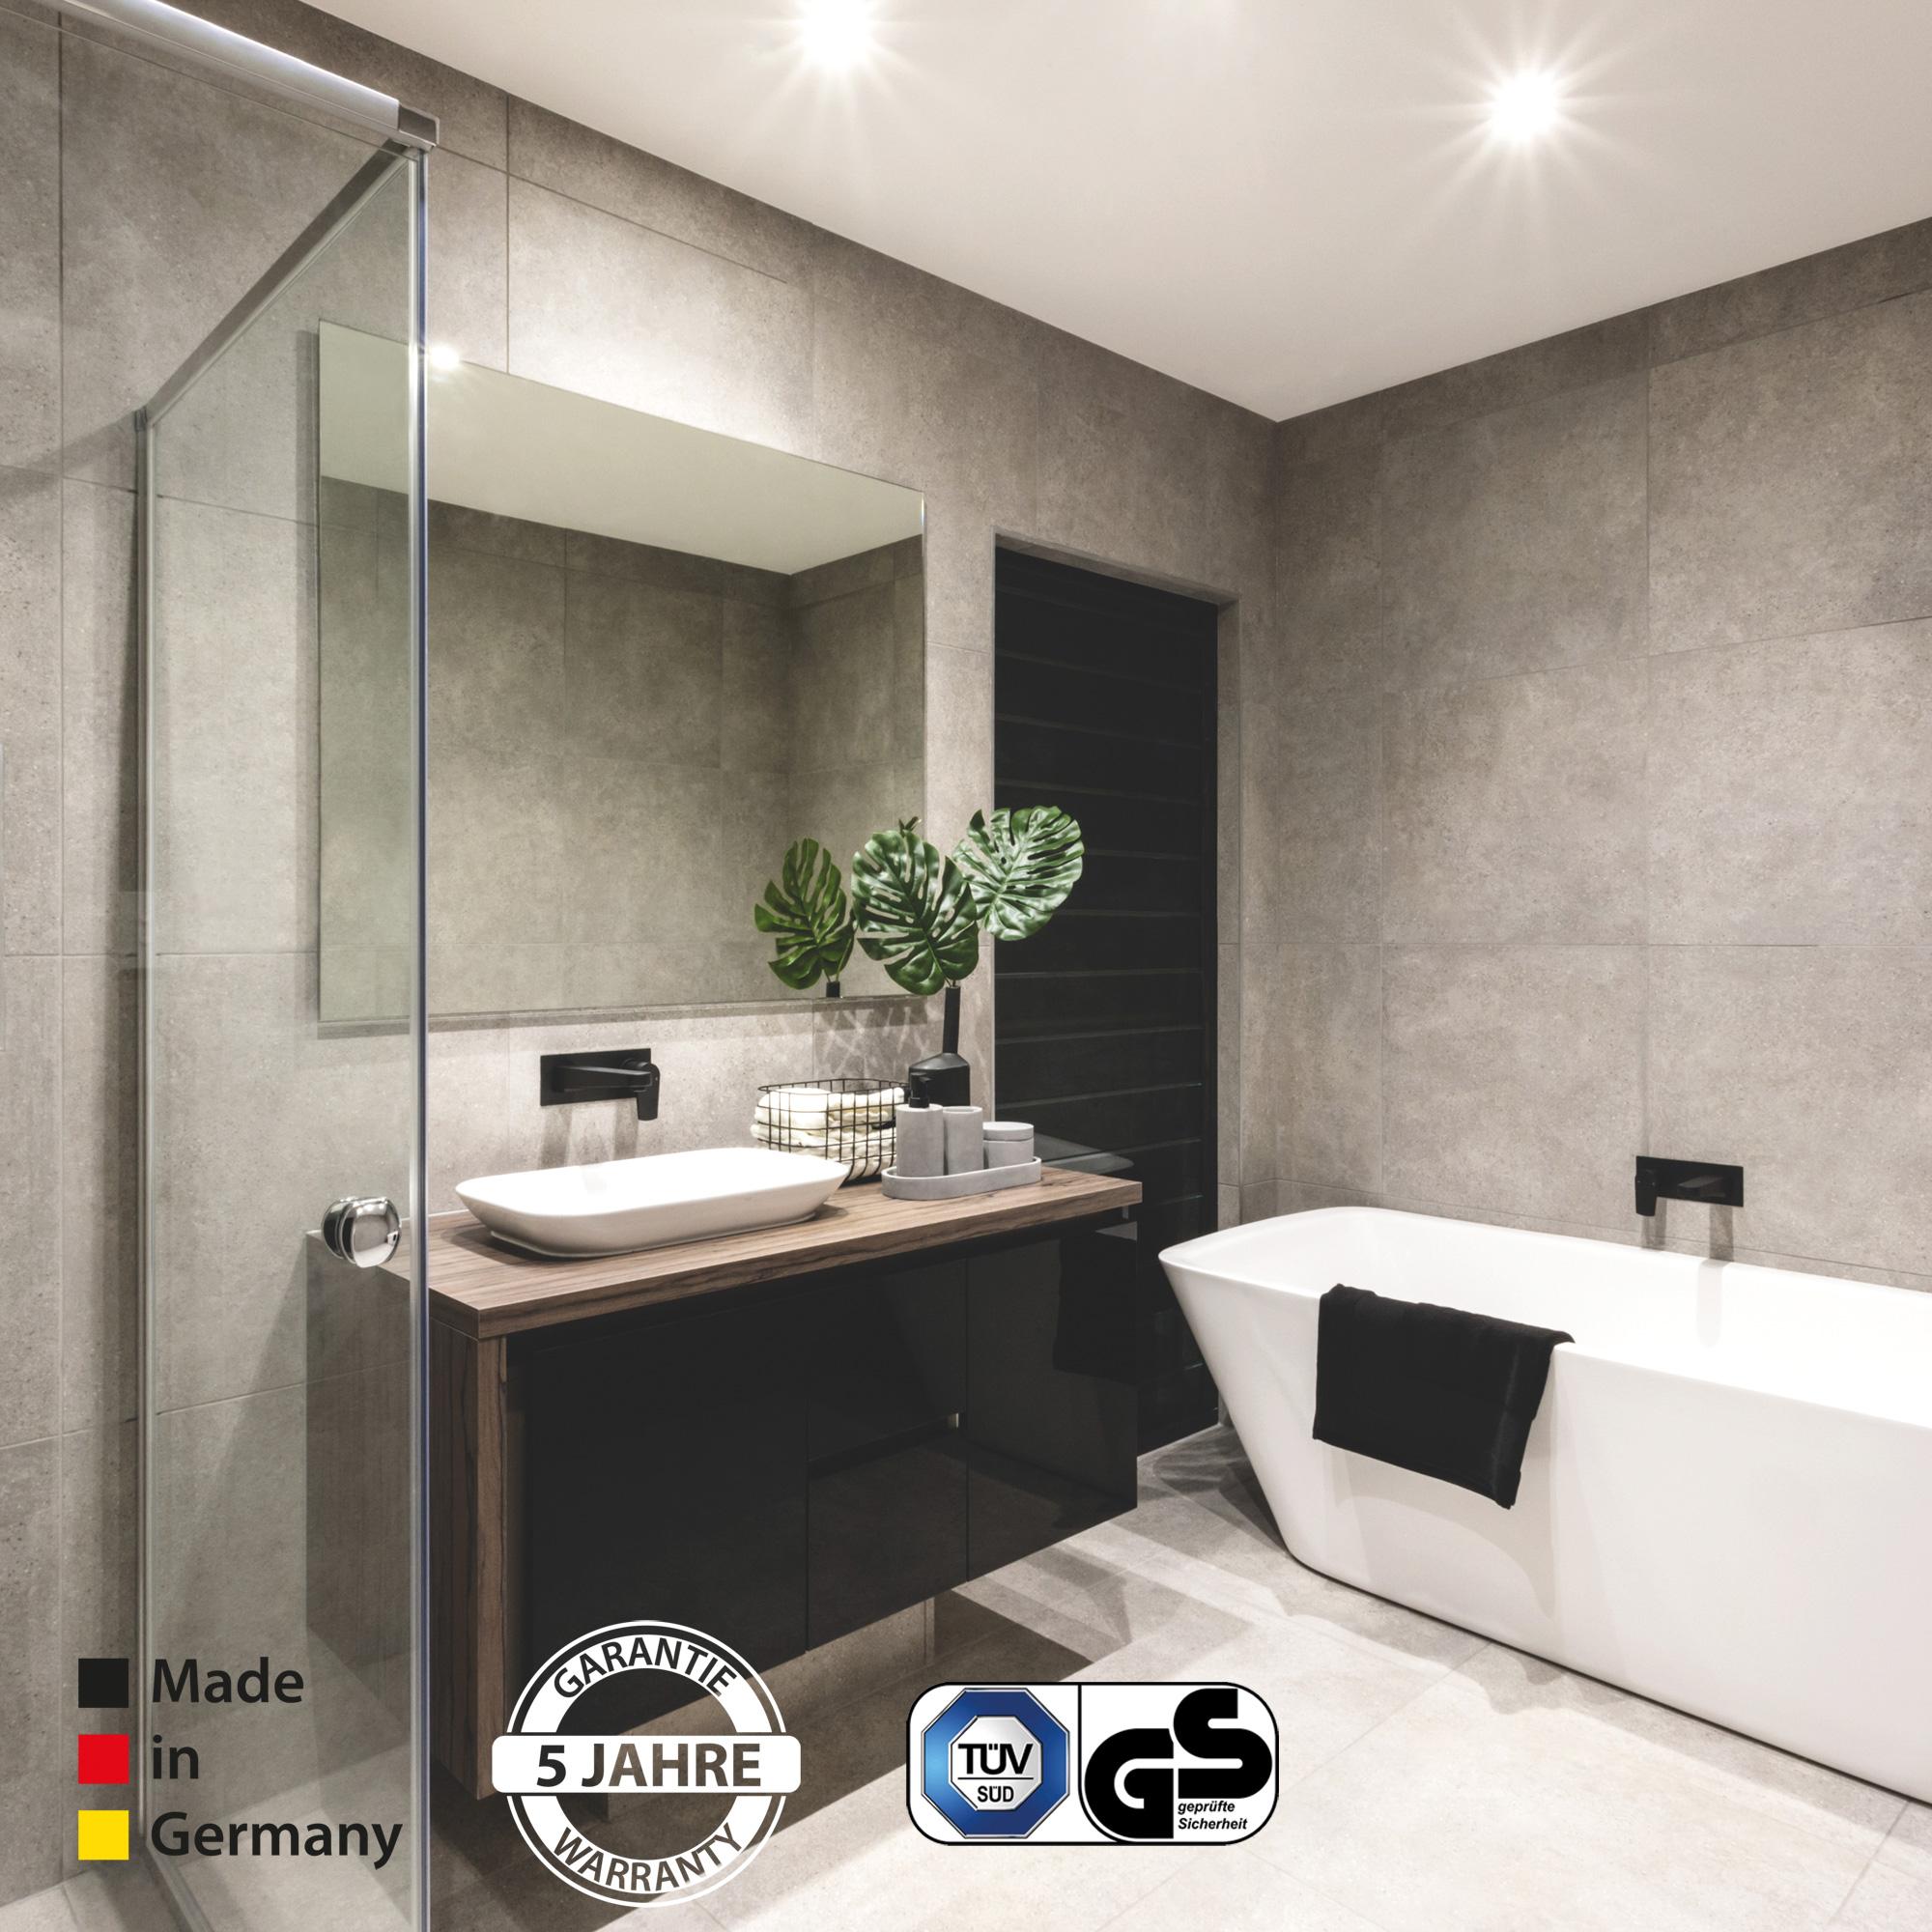 Infrarotheizung oder Infrarotheizstrahler im Badezimmer verwenden